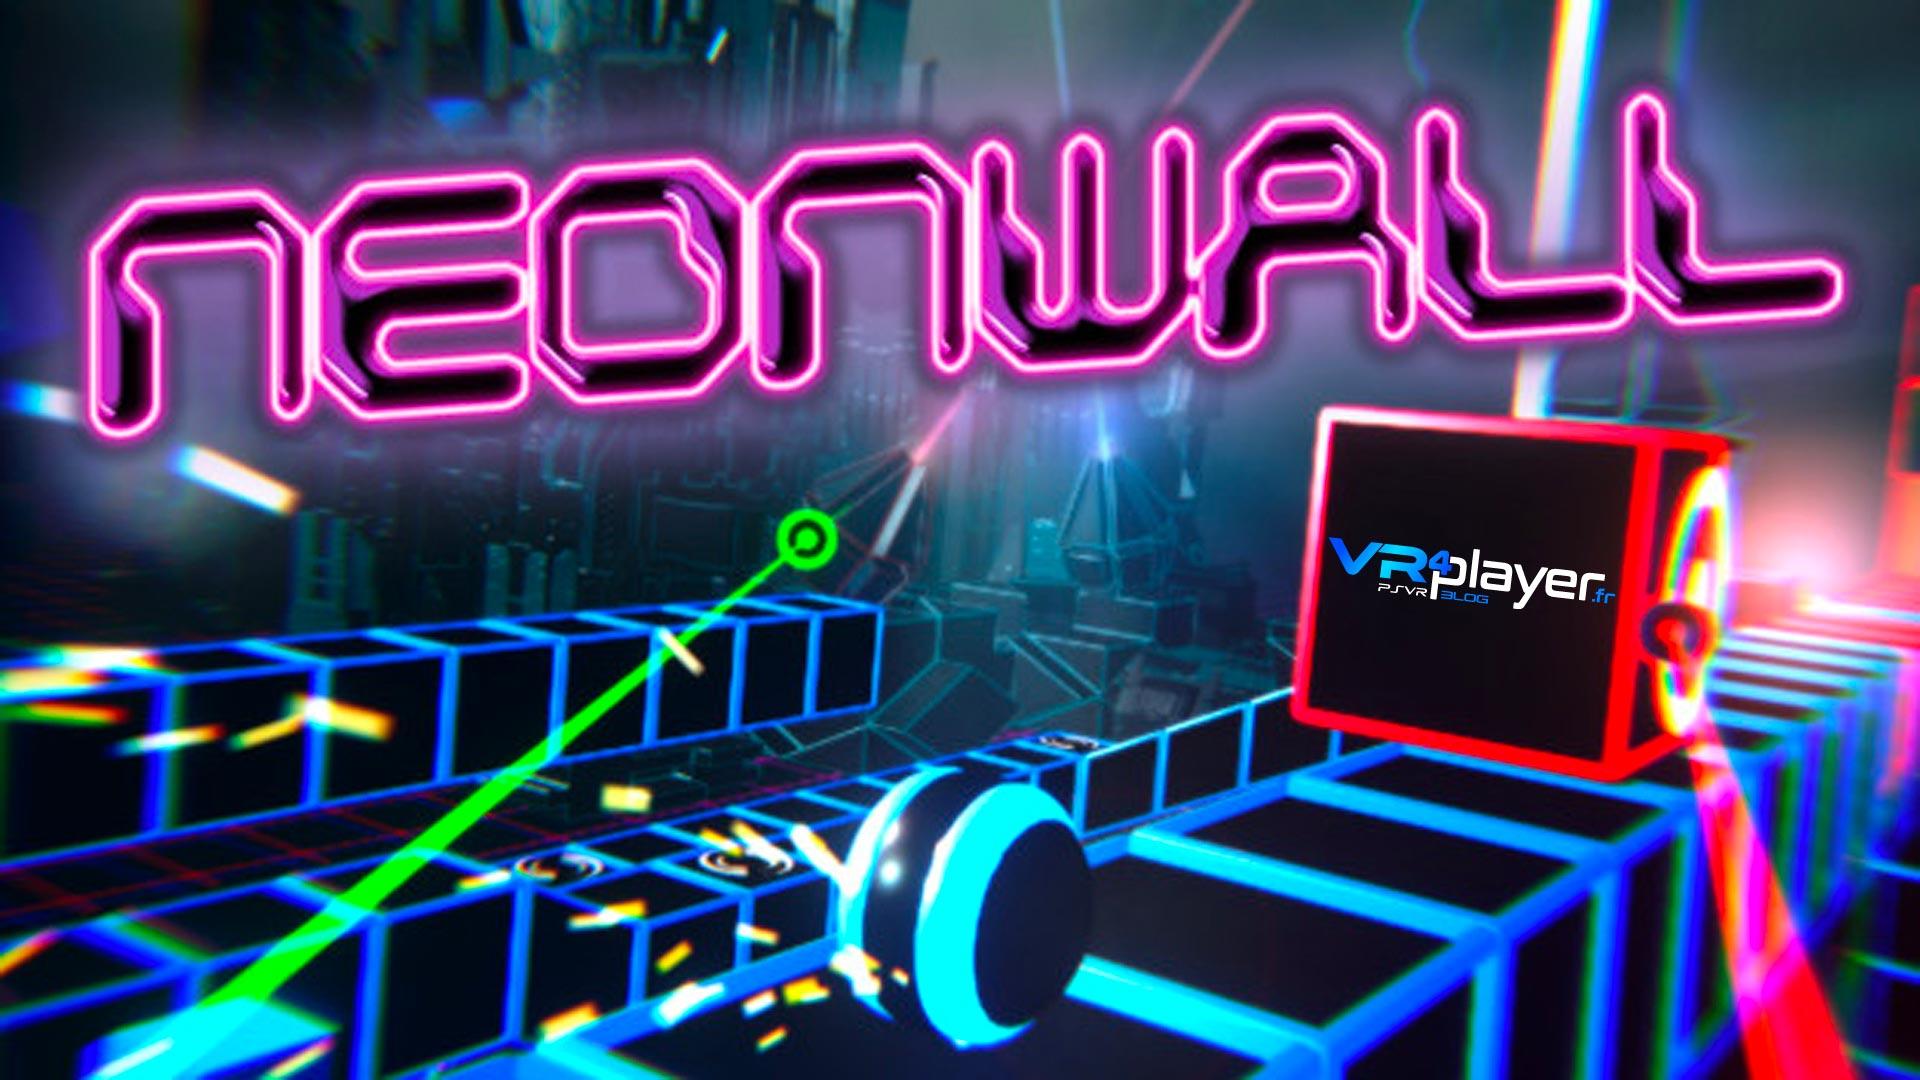 Neonwall annoncé sur PSVR